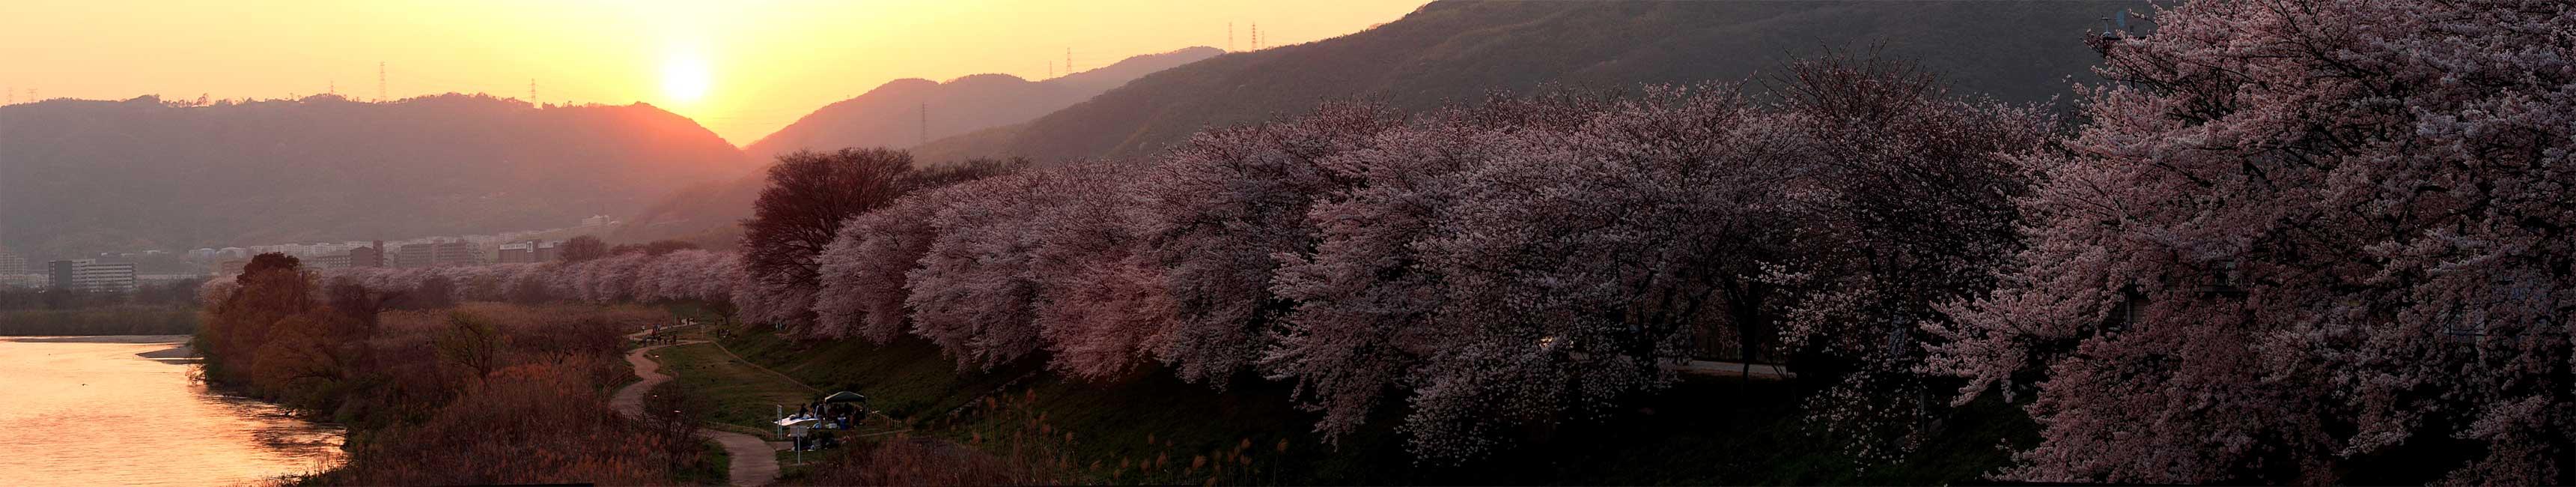 京都府庁特別拝観 2_f0021869_2145031.jpg